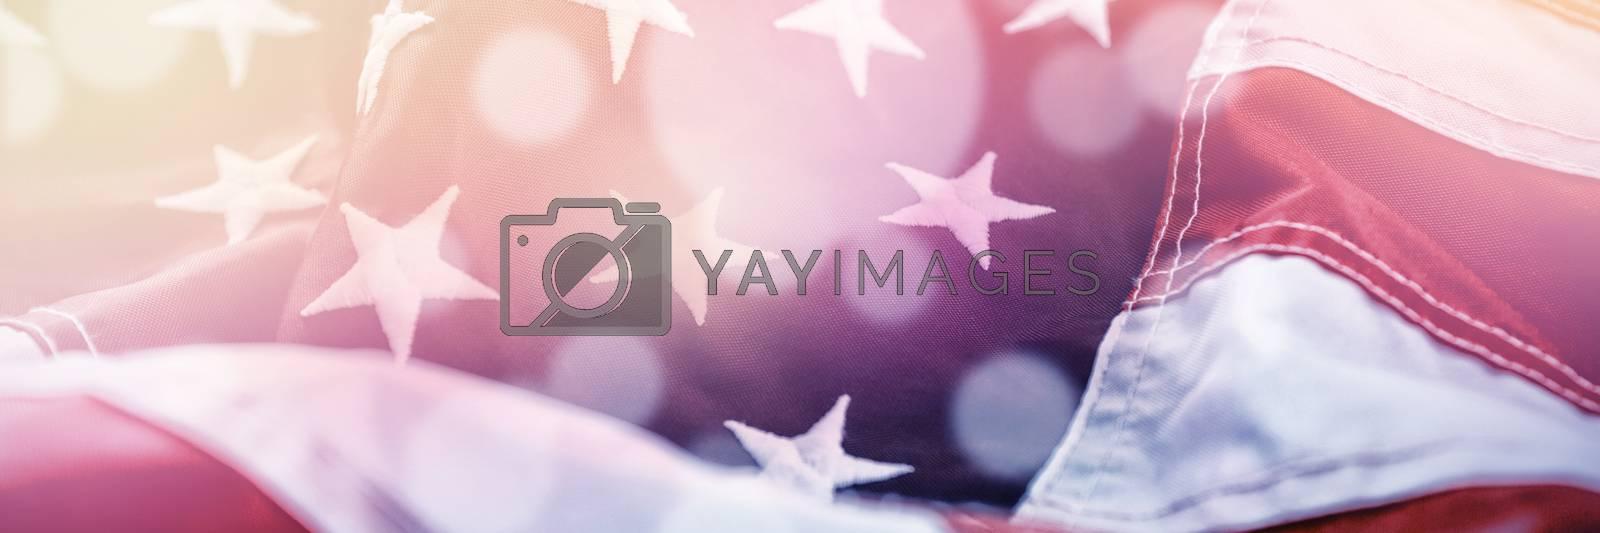 Full frame shot of wrinkled American flag